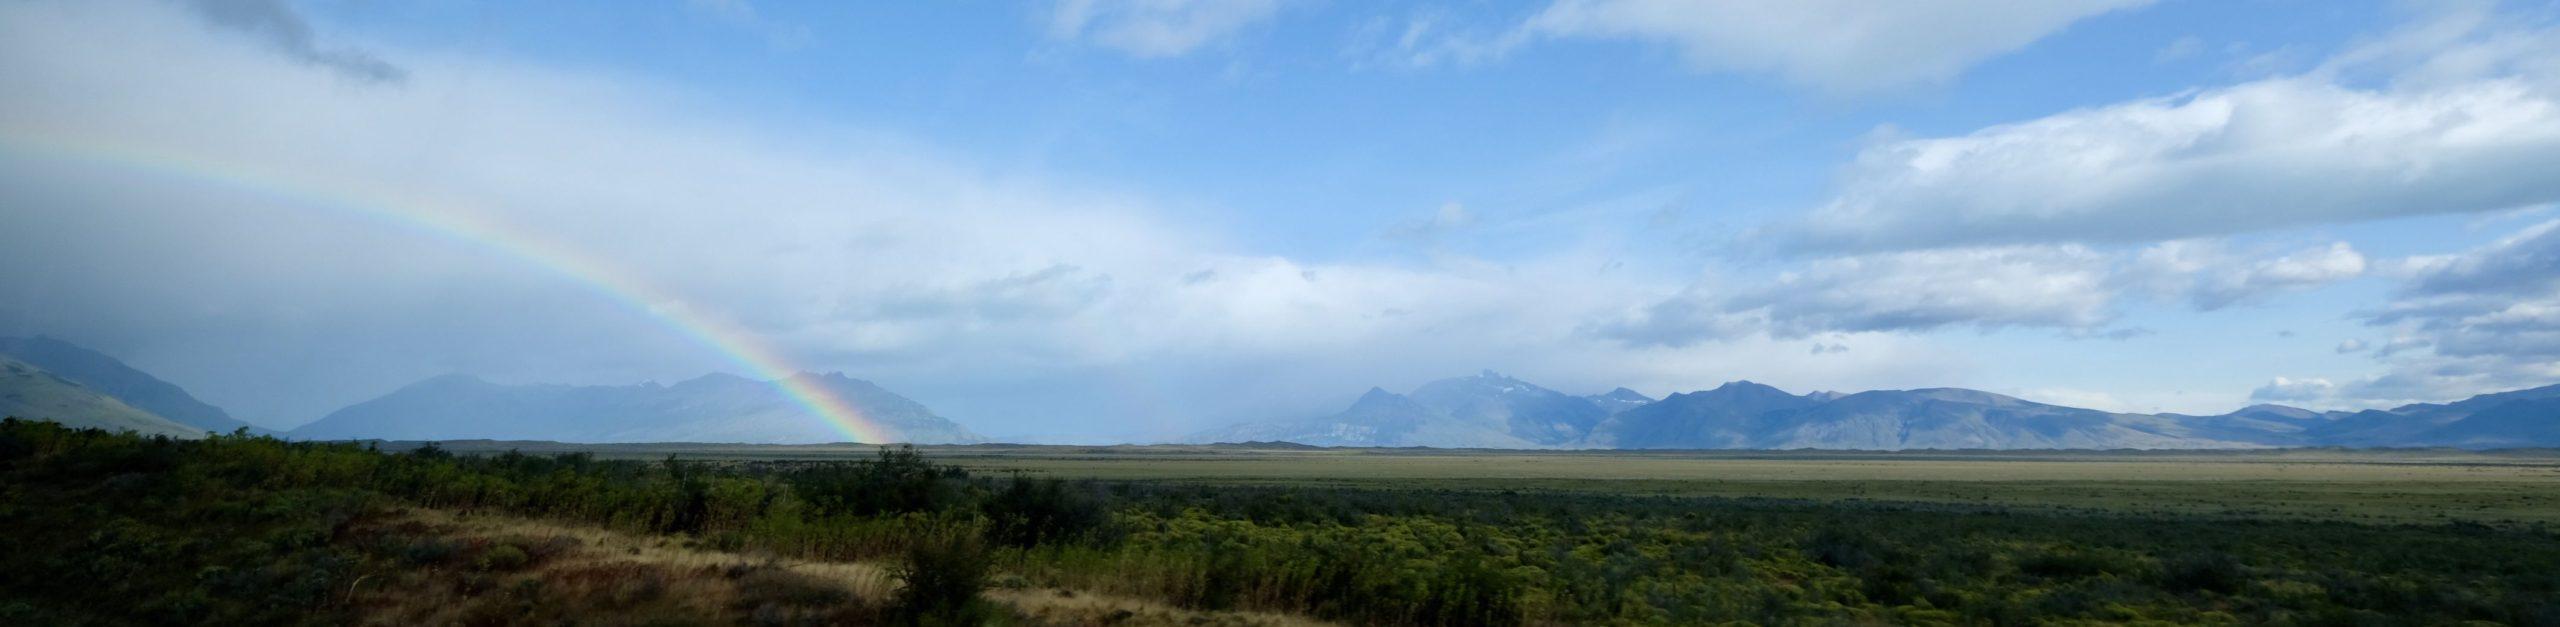 Tipy z jižní Patagonie